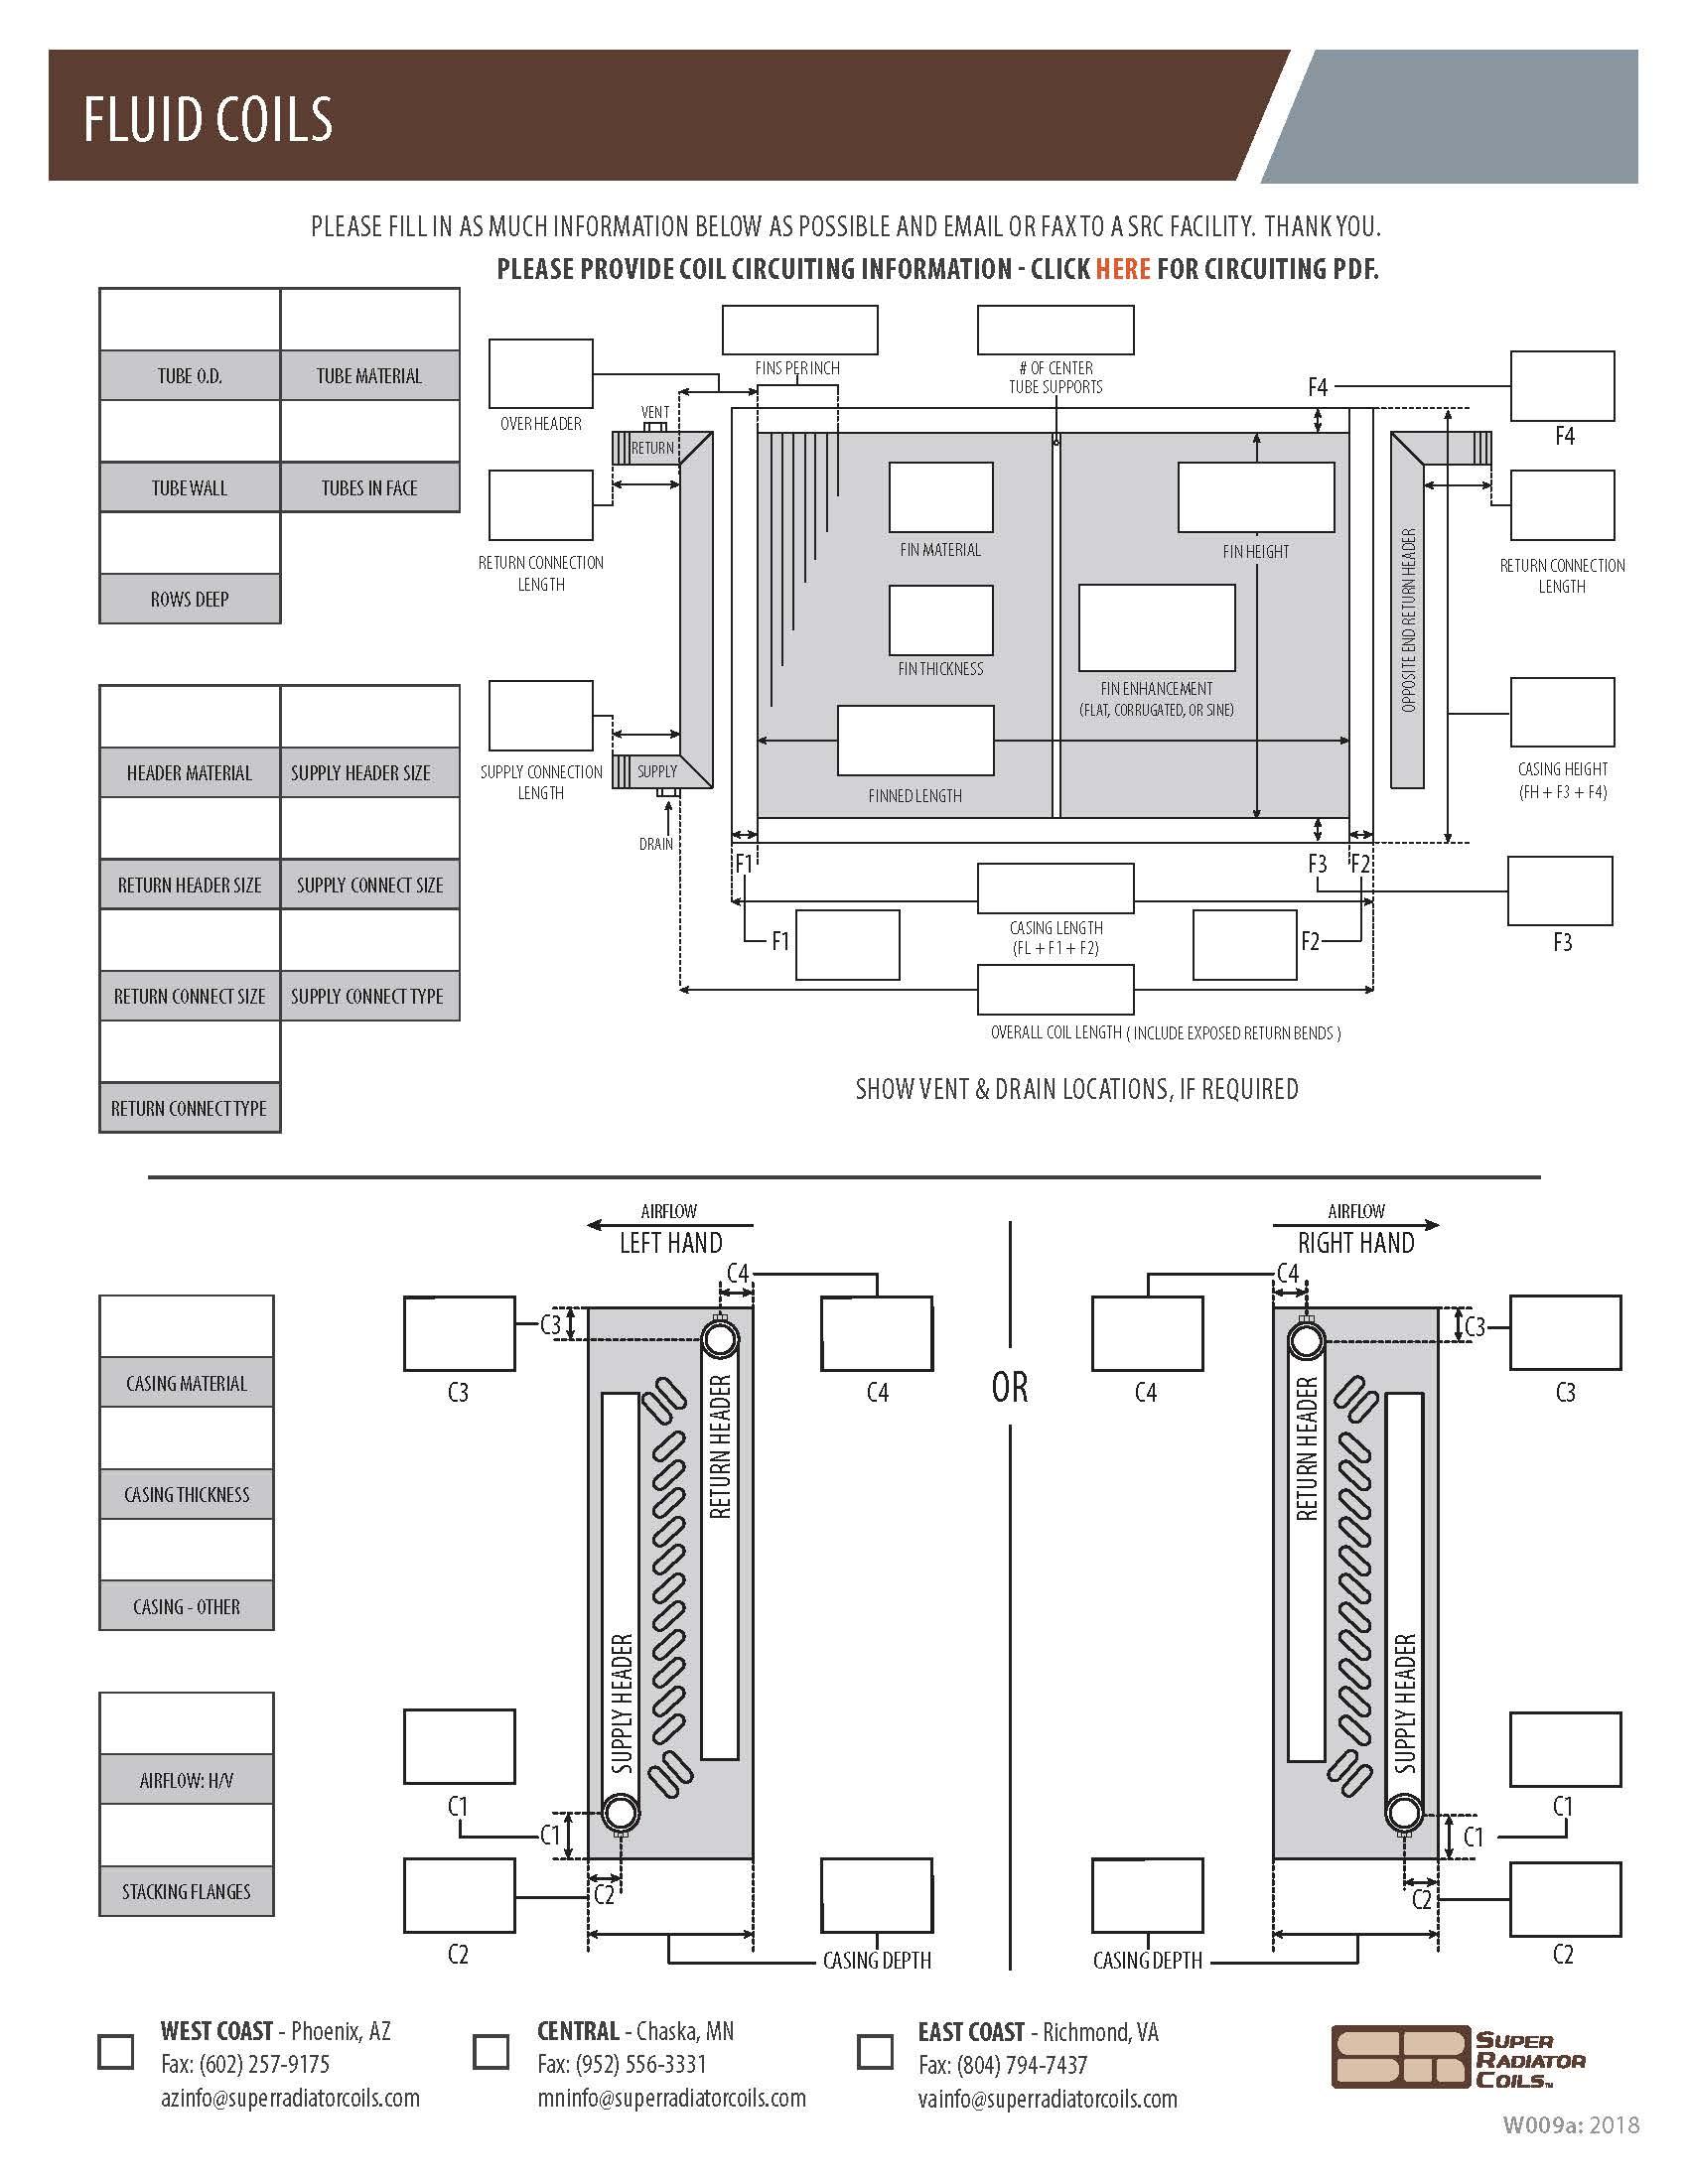 Fluid Coils Spec Sheet